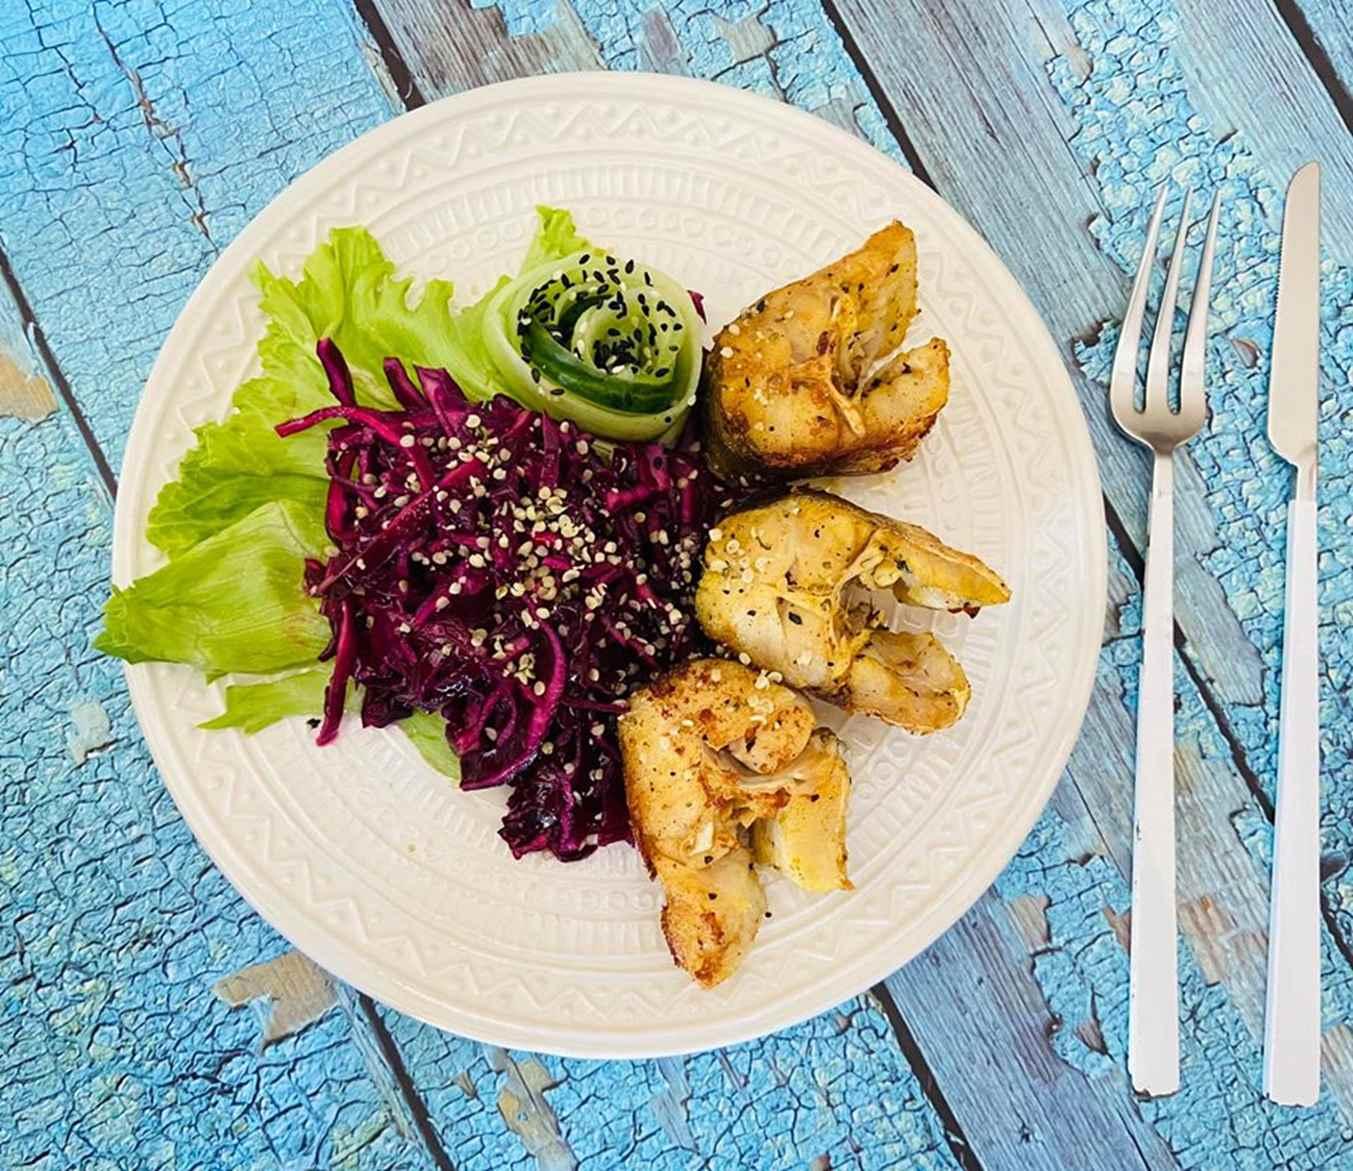 Jūros lydeka kepta keptuvėje ir mėlynojo kopūsto salotos